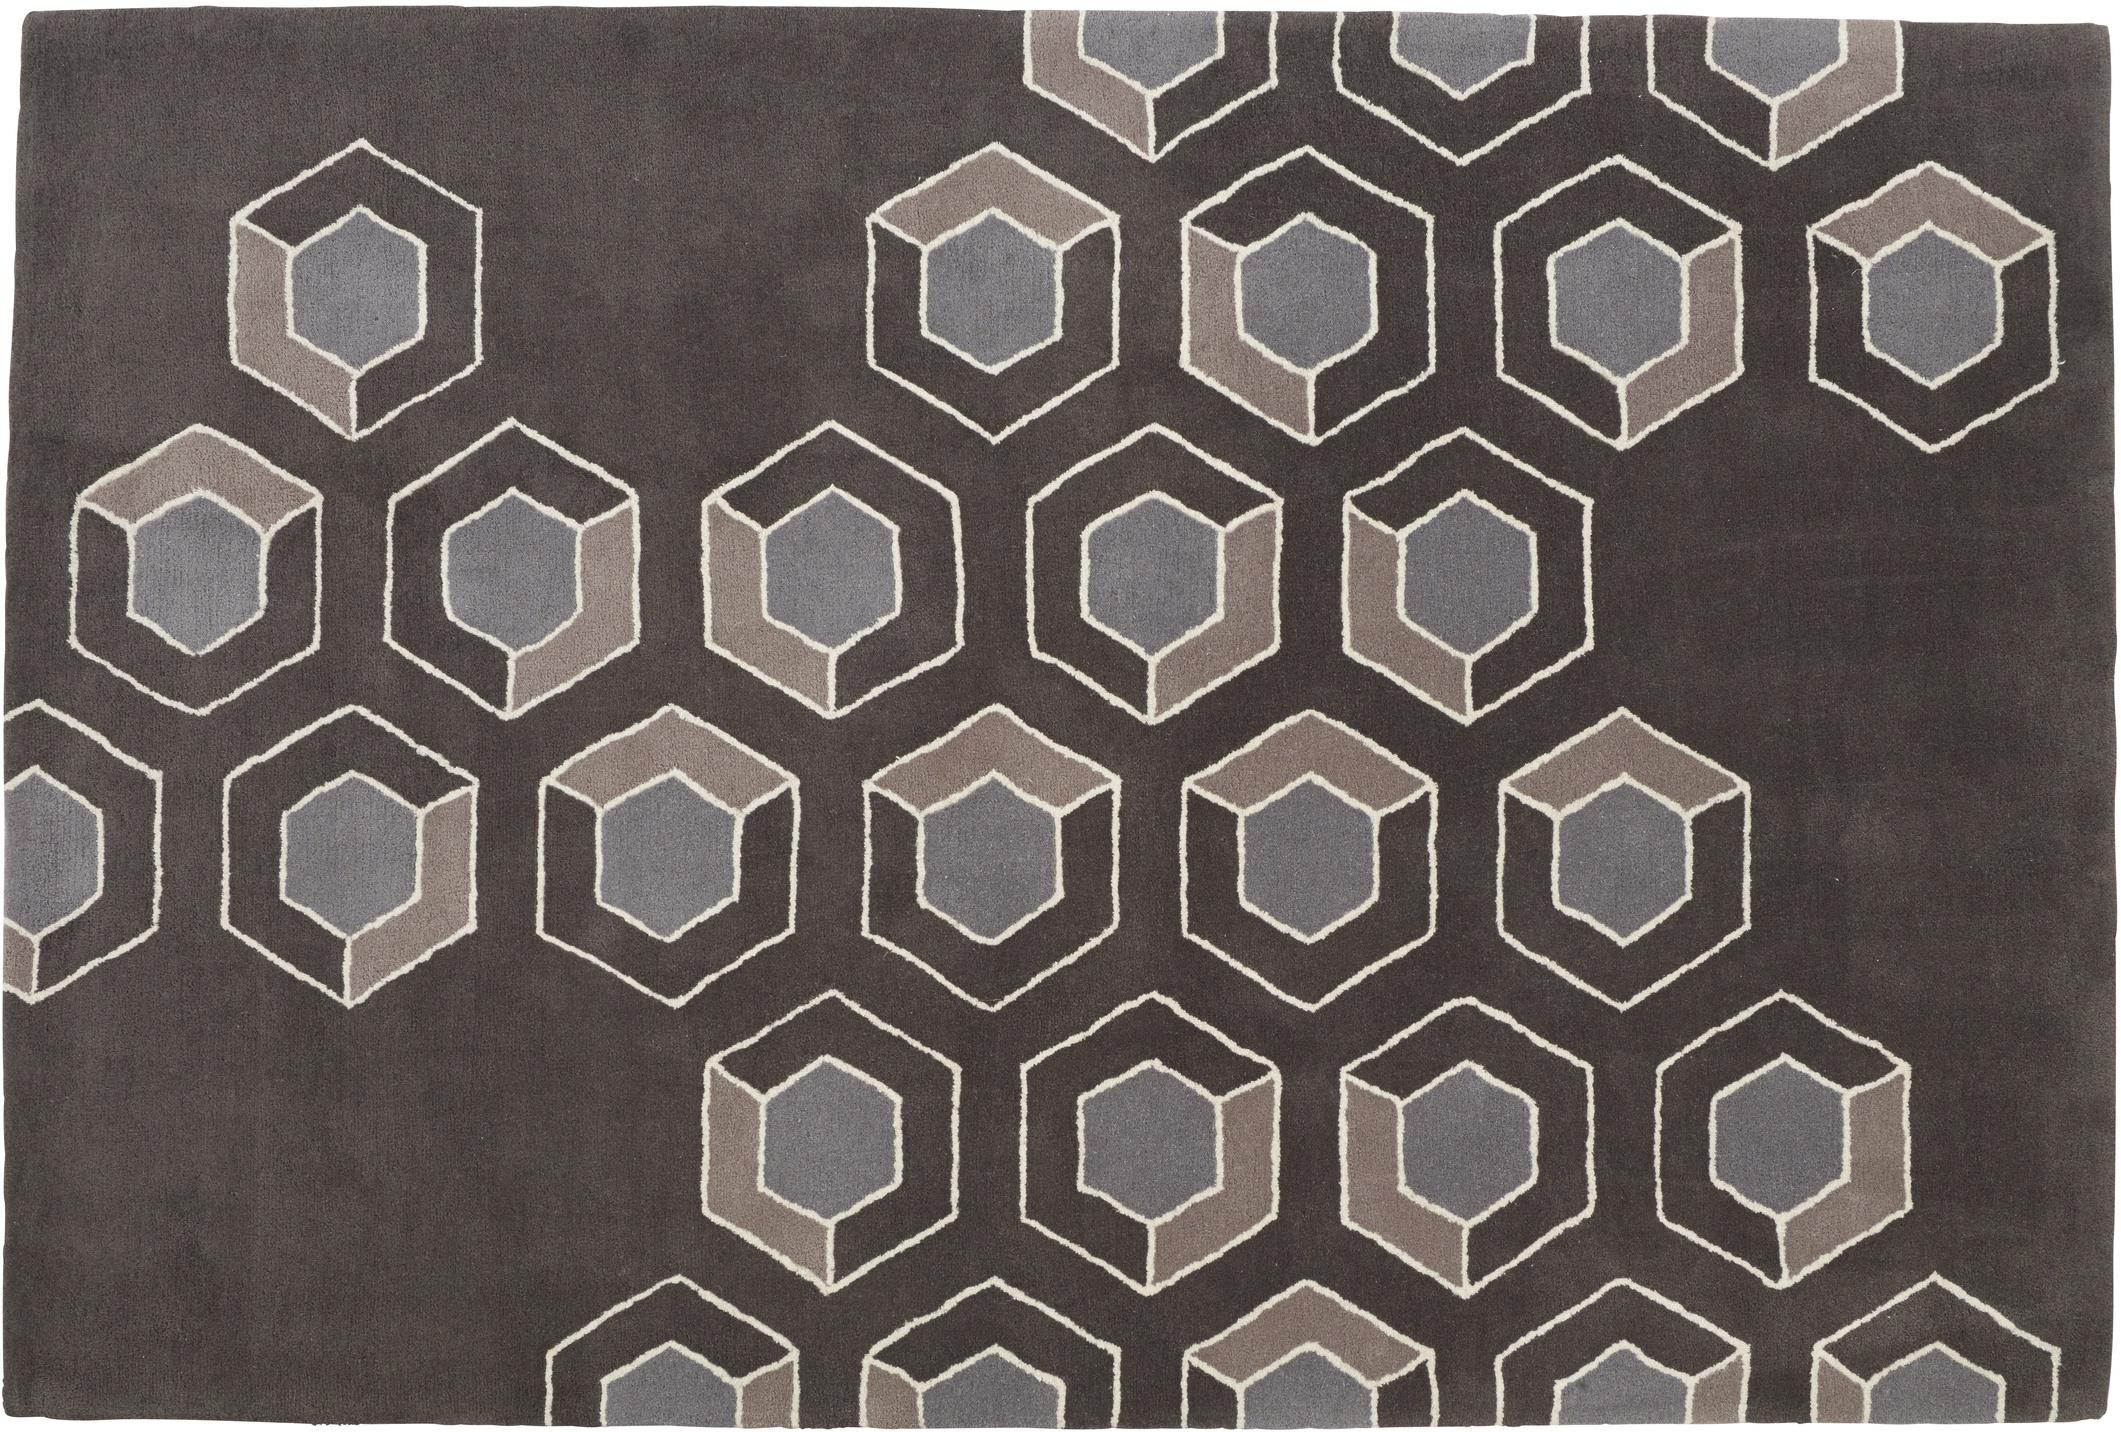 Hix cloud tapis du designer studio catoir ligne roset for Ligne roset clouds